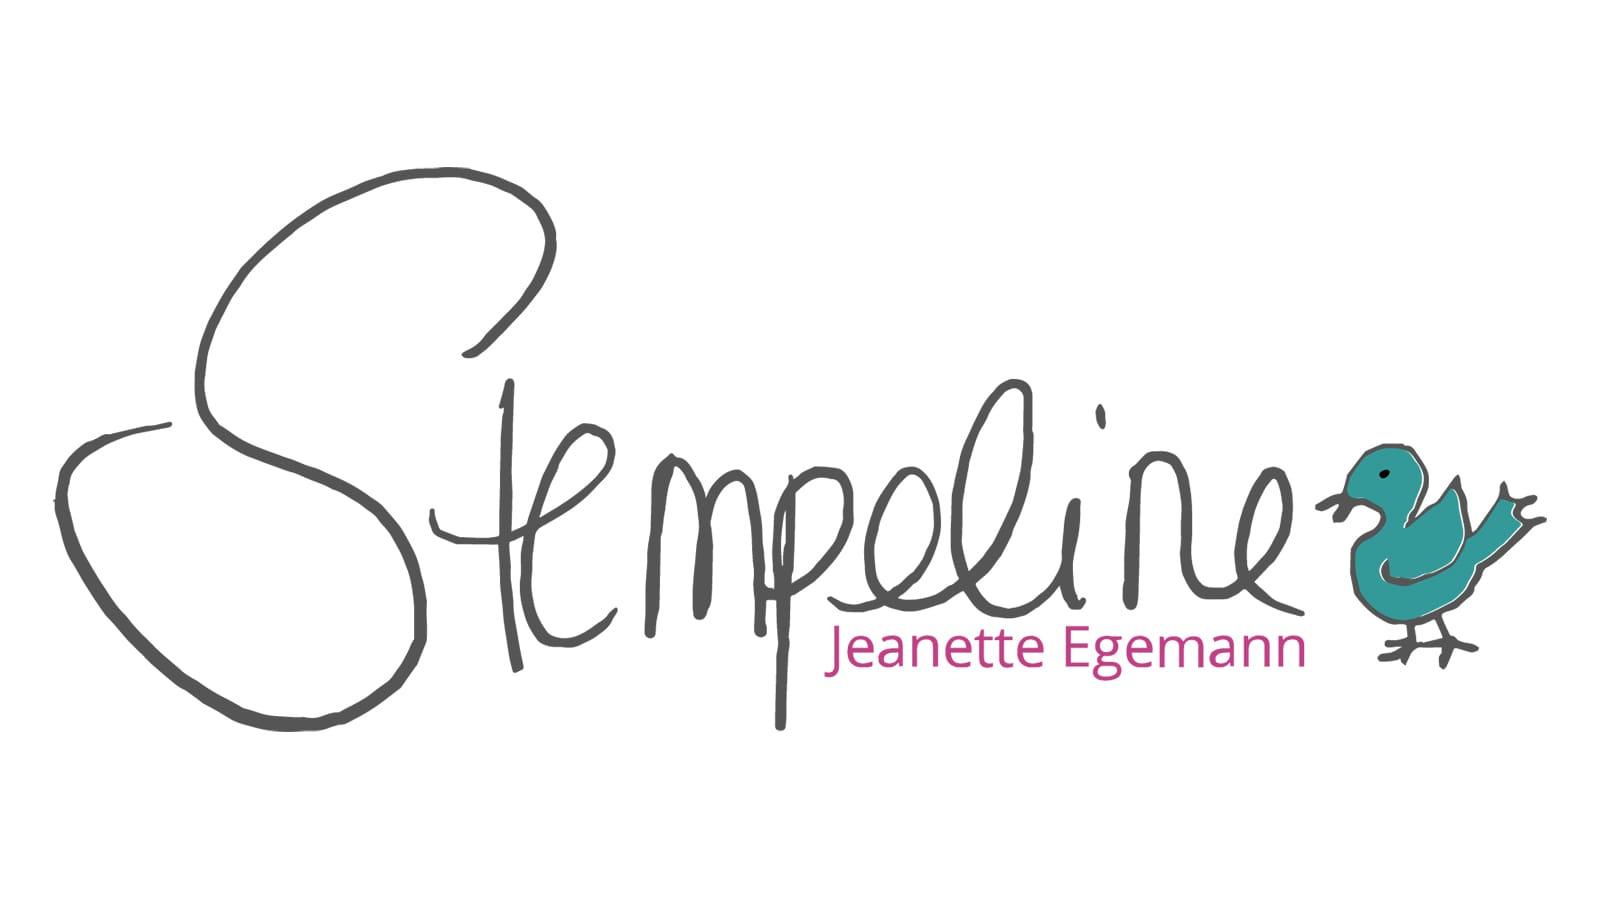 Stempeline Logo